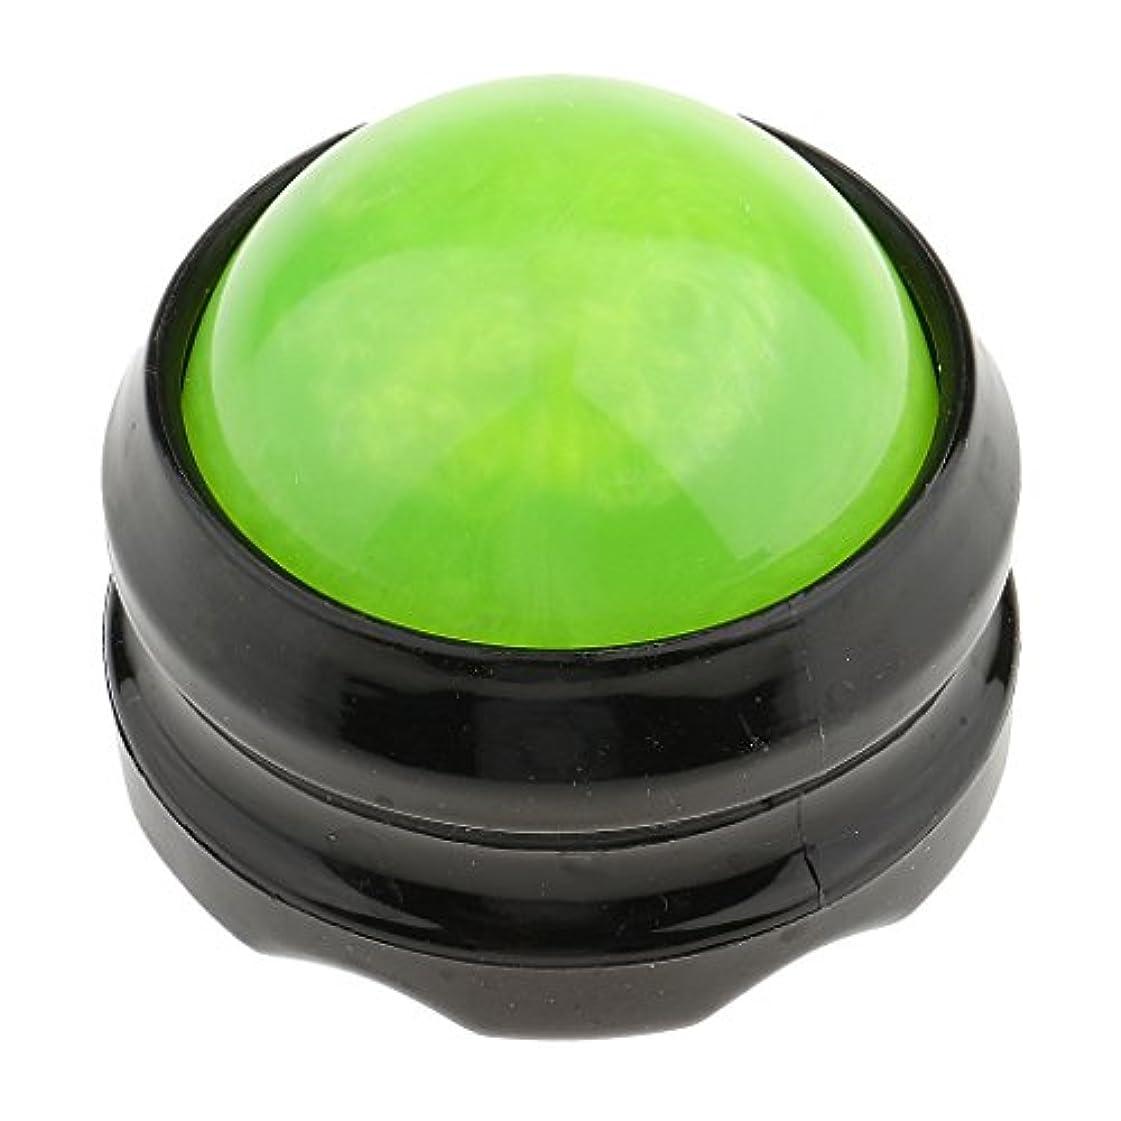 負荷照らす論争マッサージ ローラーボール ボディ バック ネック フット セルフマッサージ ツール グリーンブラック